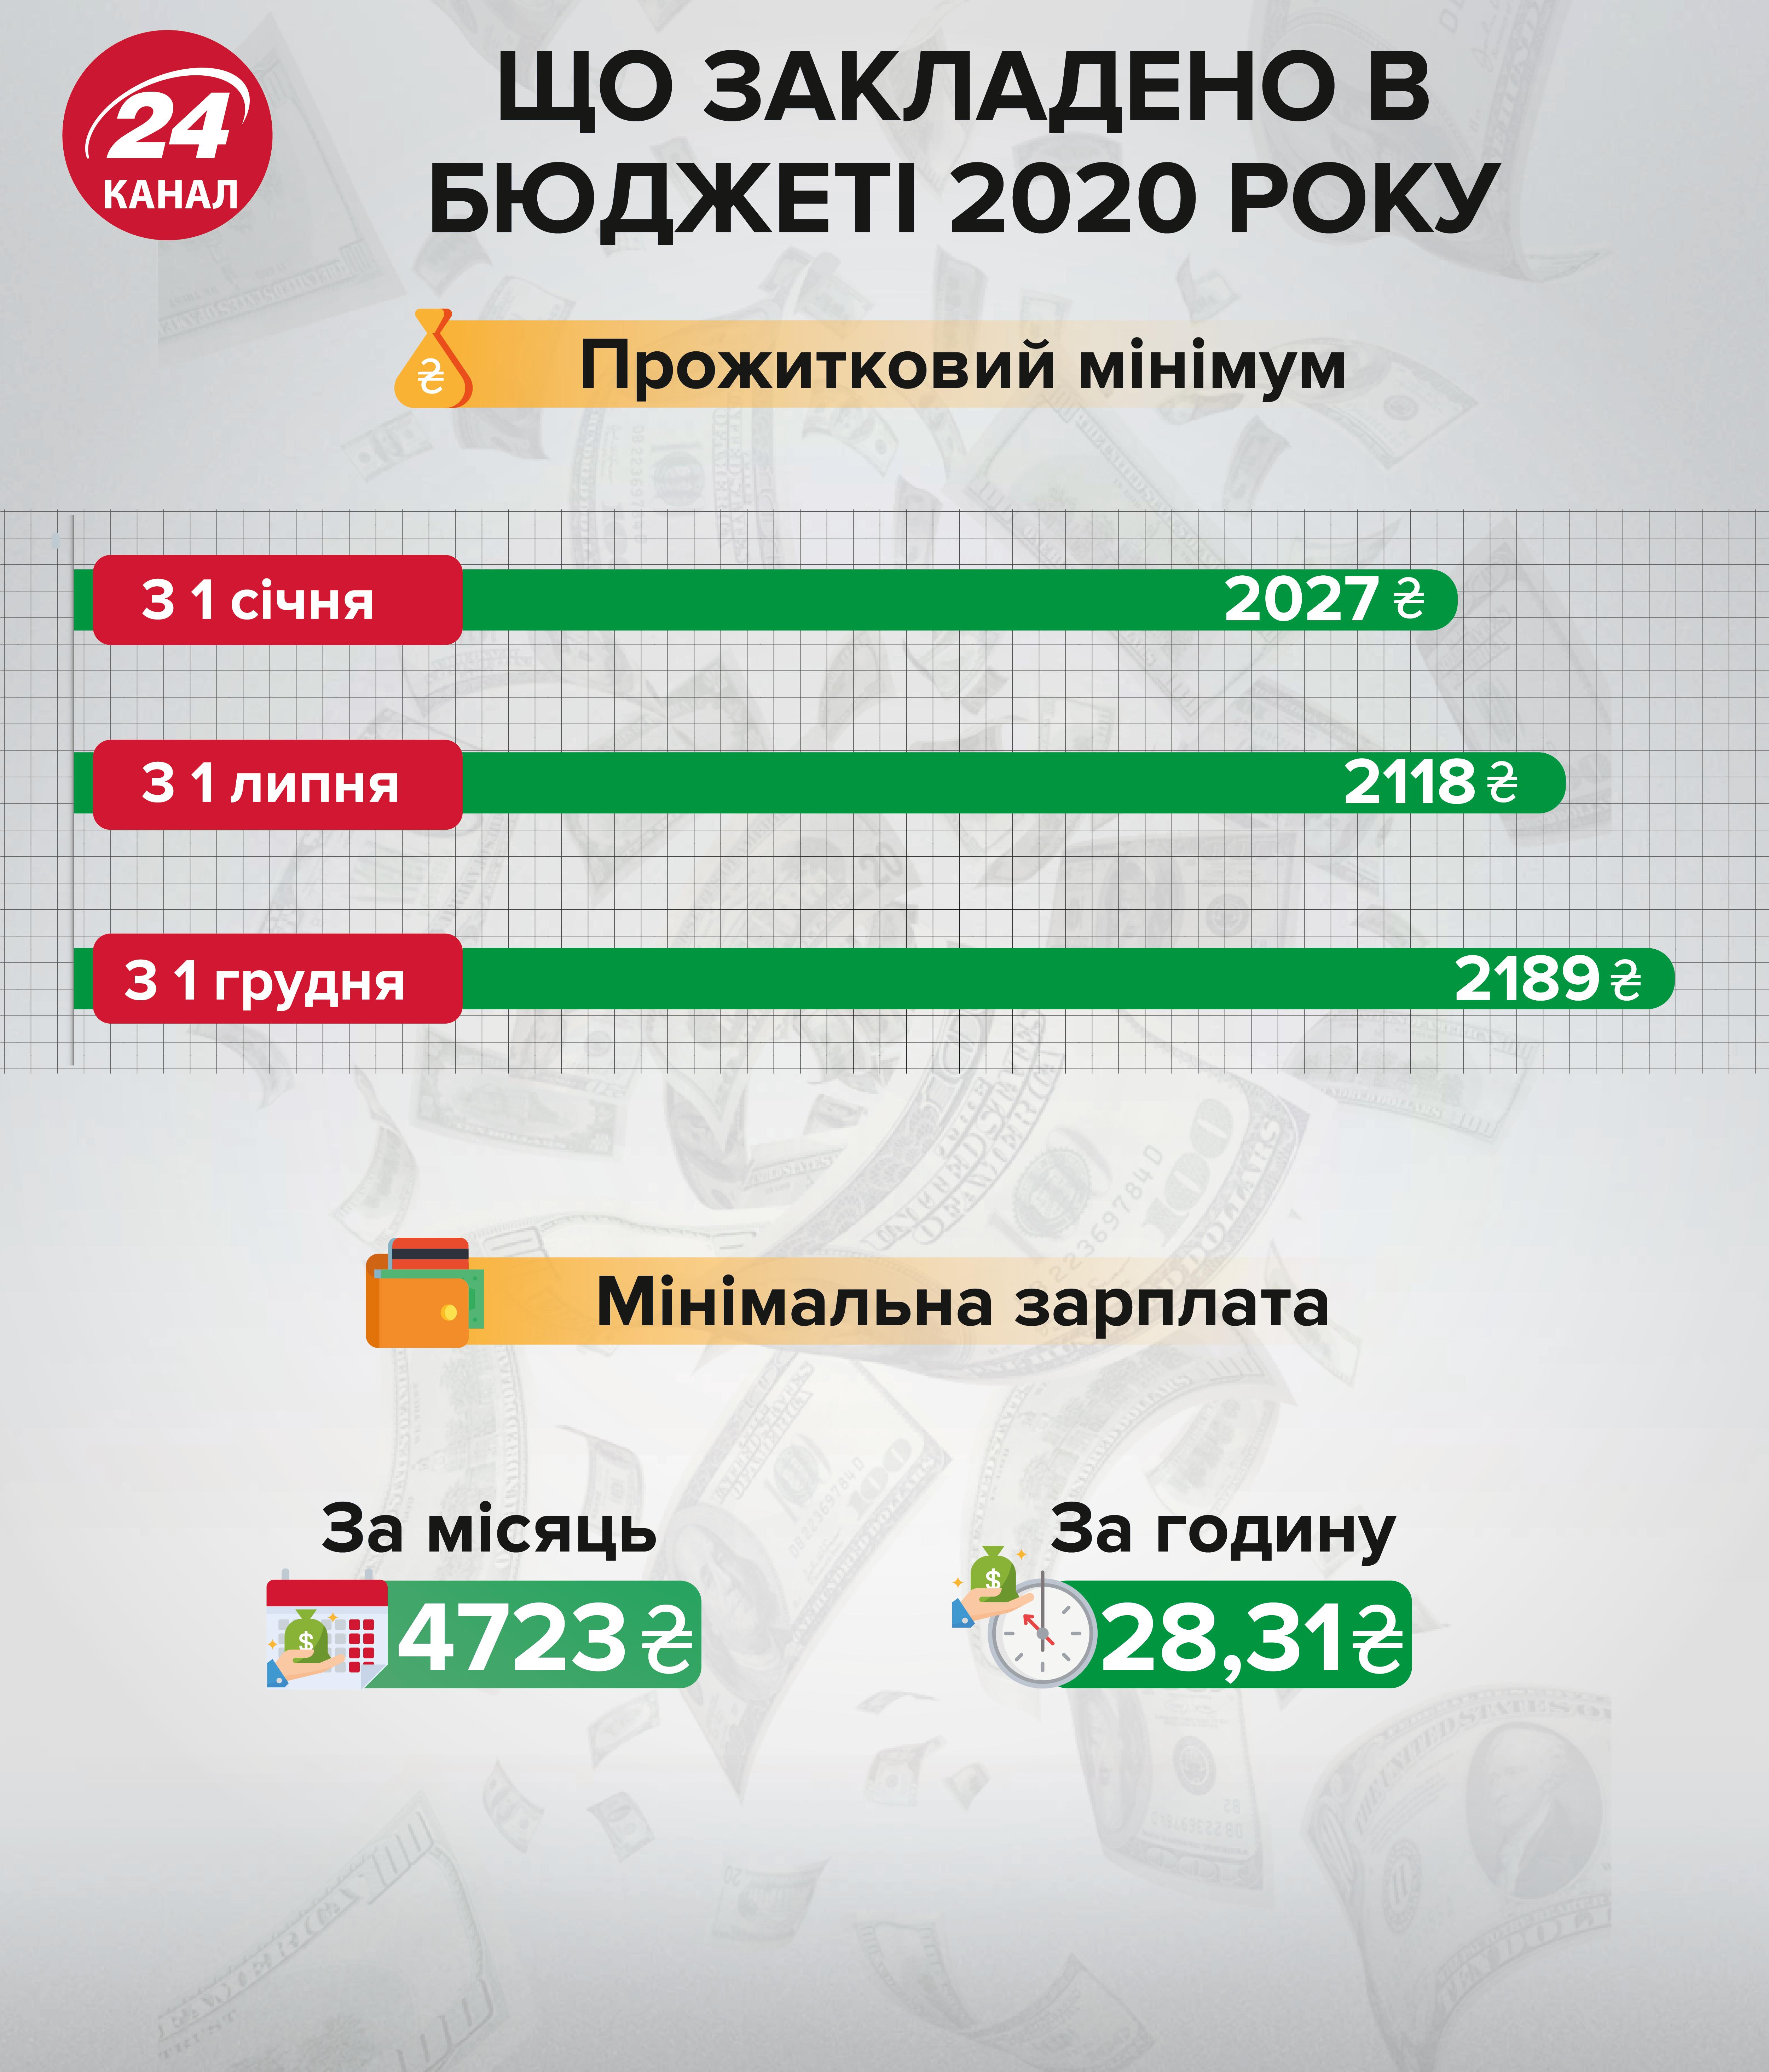 прожитковий мінімум 2020